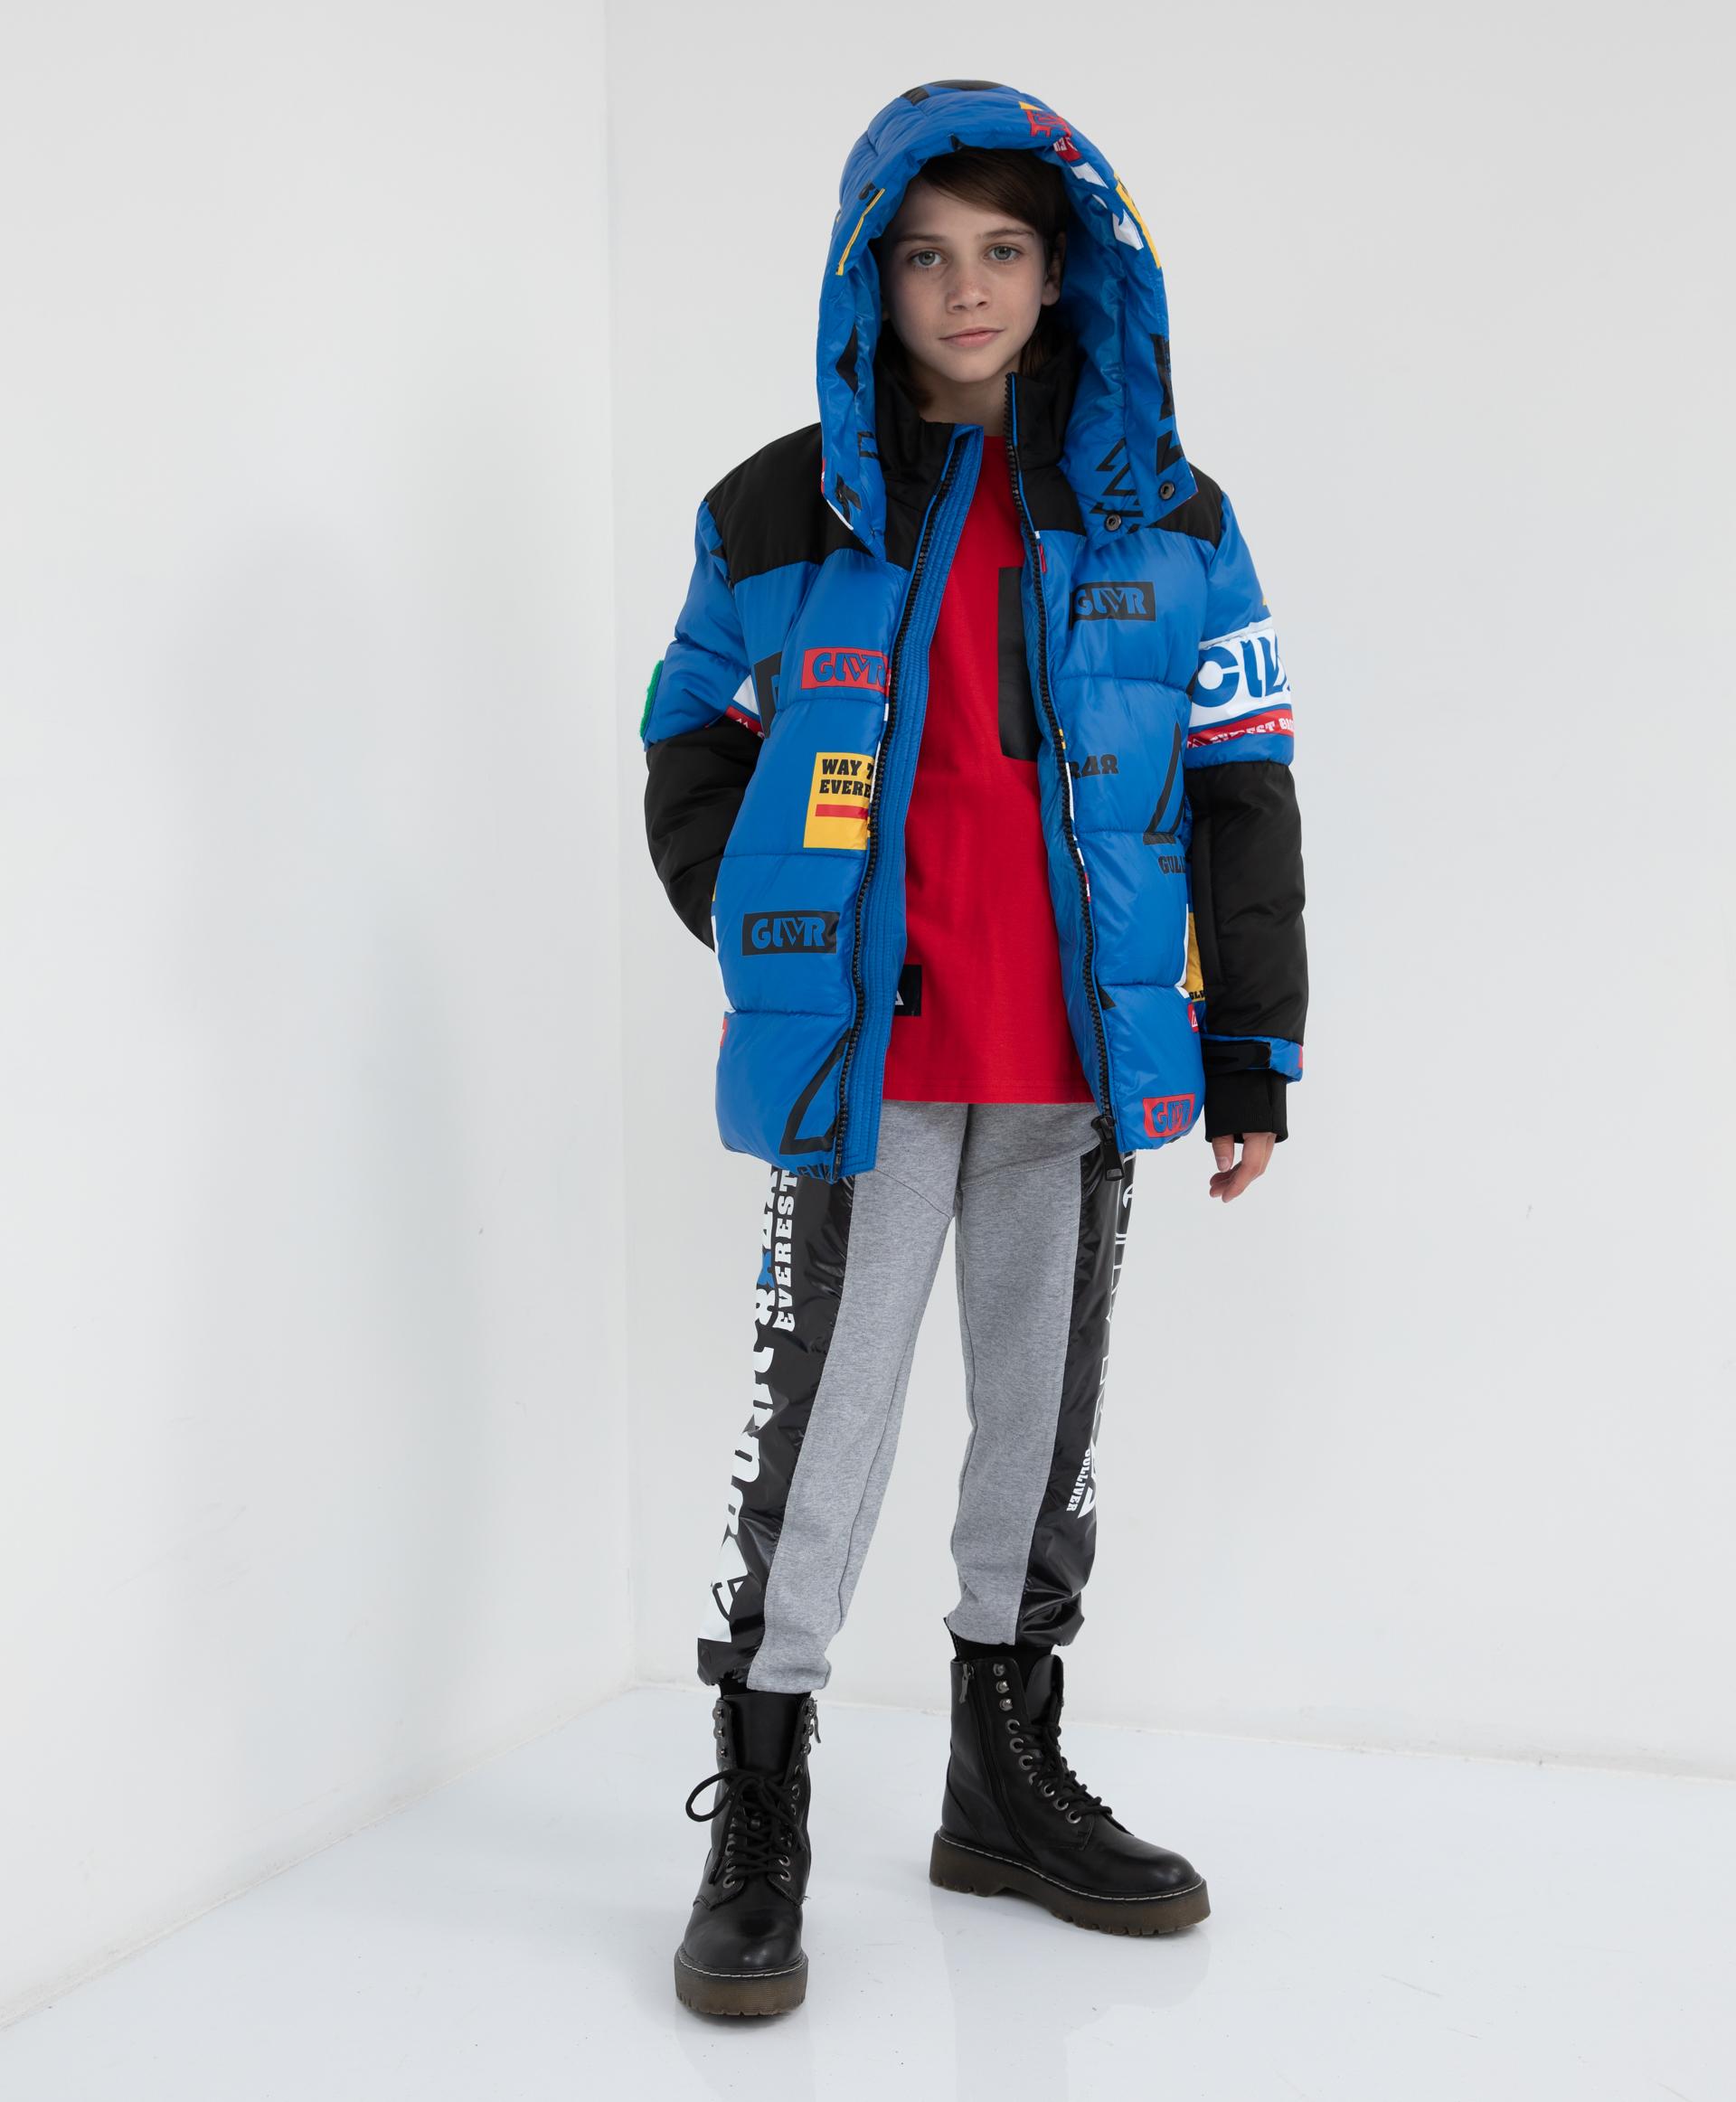 22112BJC4110, Куртка зимняя с капюшоном Gulliver, синий, 134, Полиэстер, Мужской, Зима, ОСЕНЬ/ЗИМА 2021-2022  - купить со скидкой